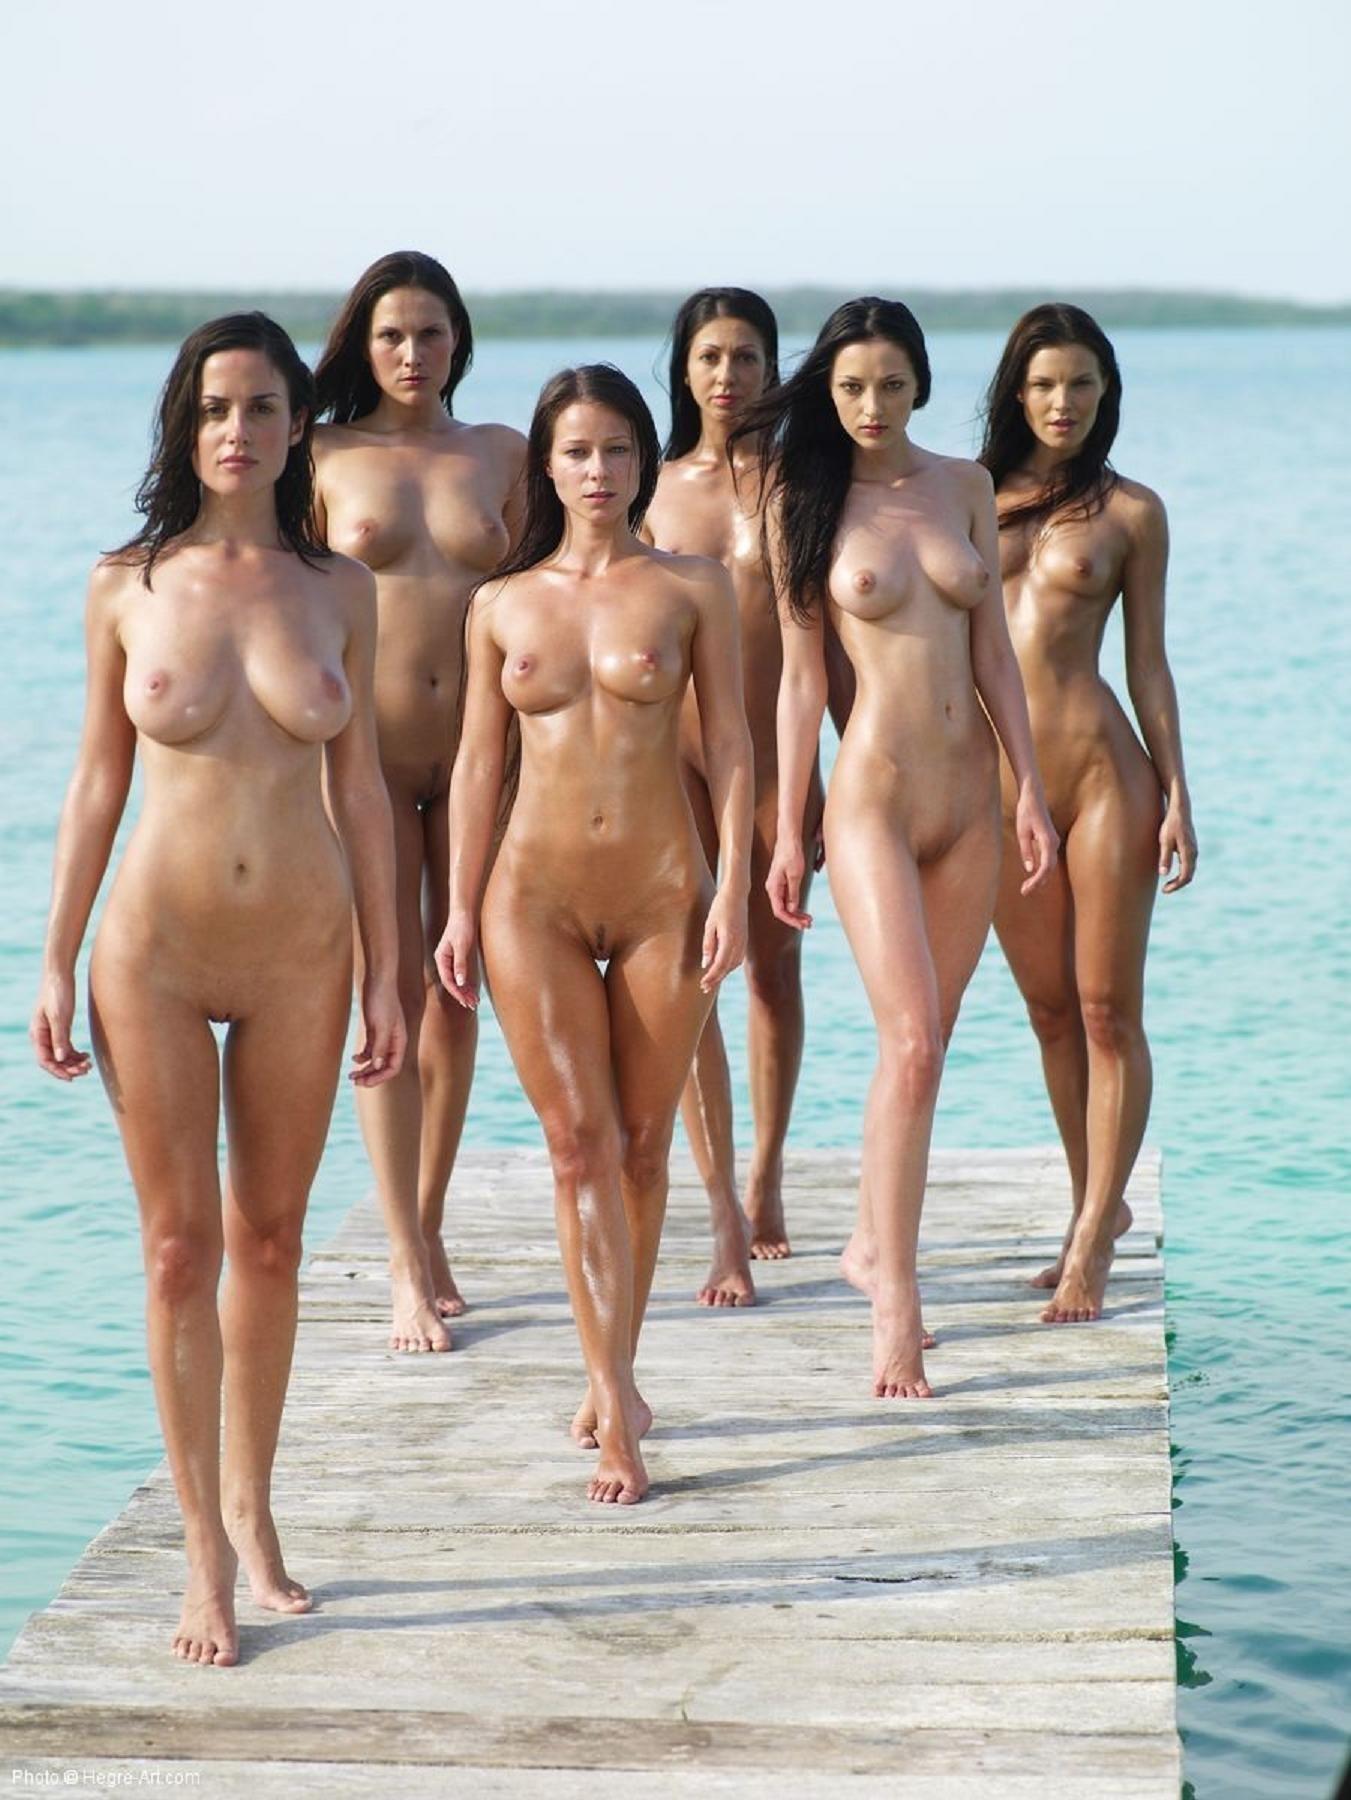 Пляжная эротика - компиляция 7